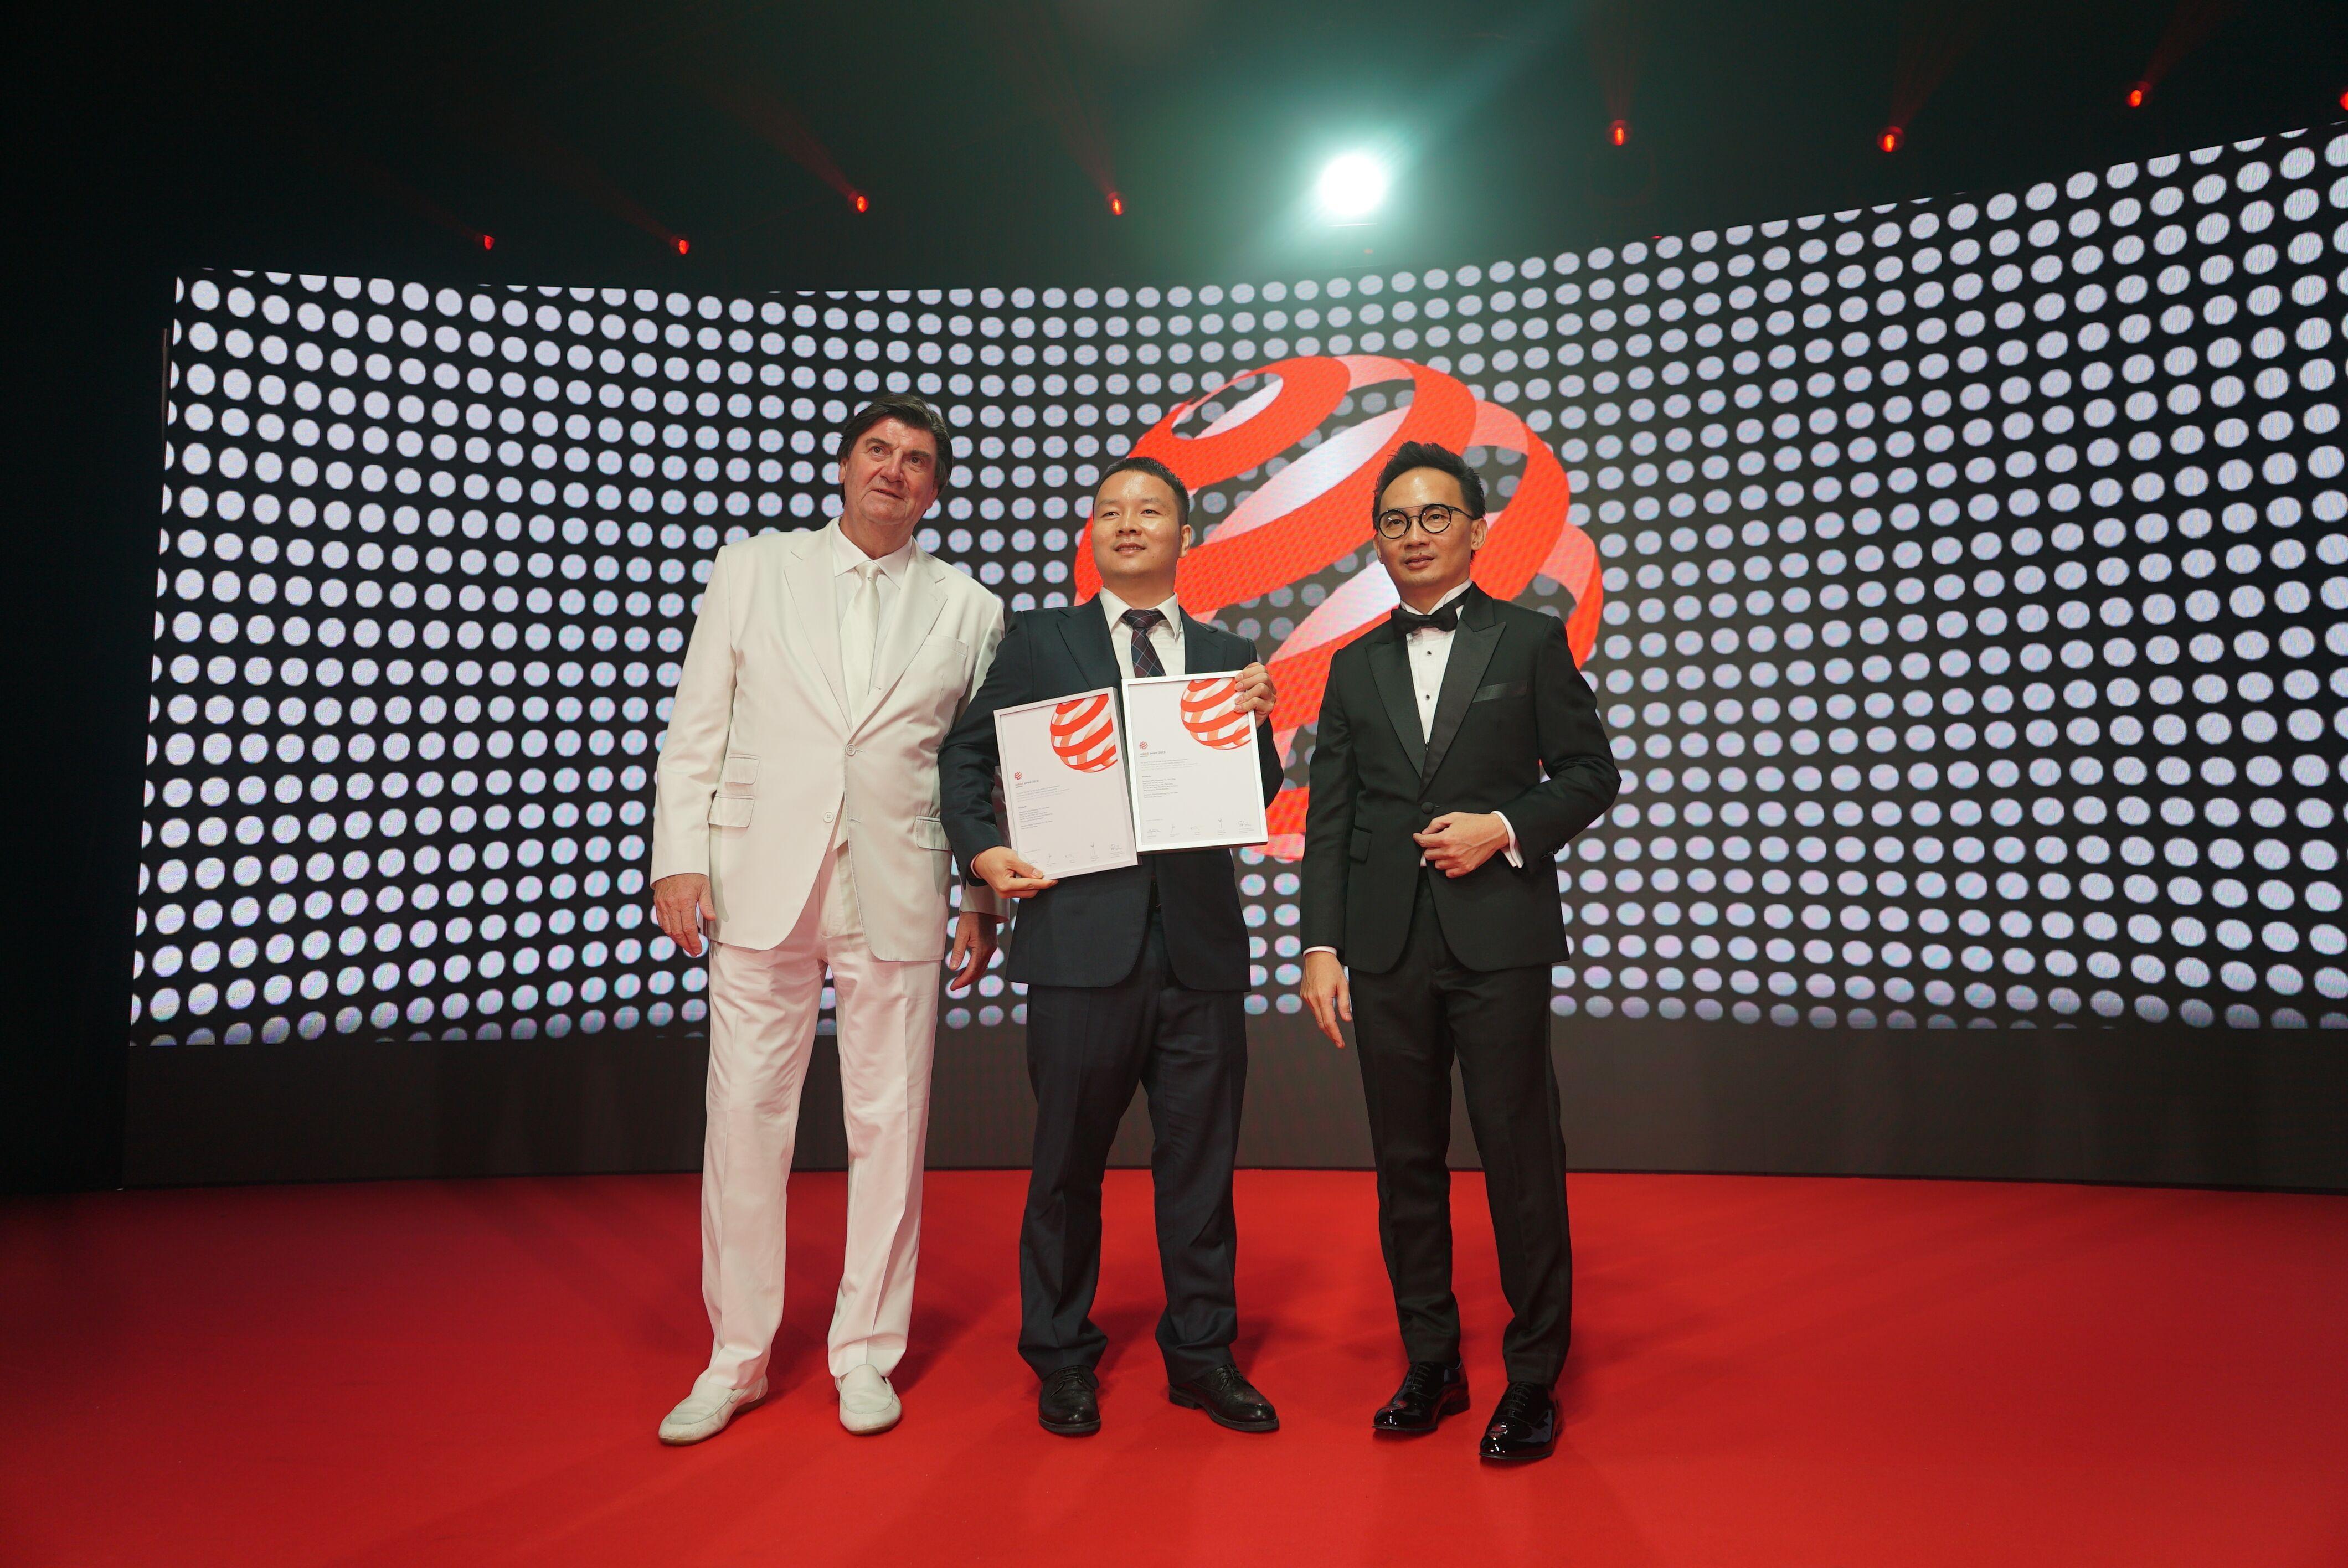 全球电子烟领先品牌SMOK斩获2018红点设计大奖